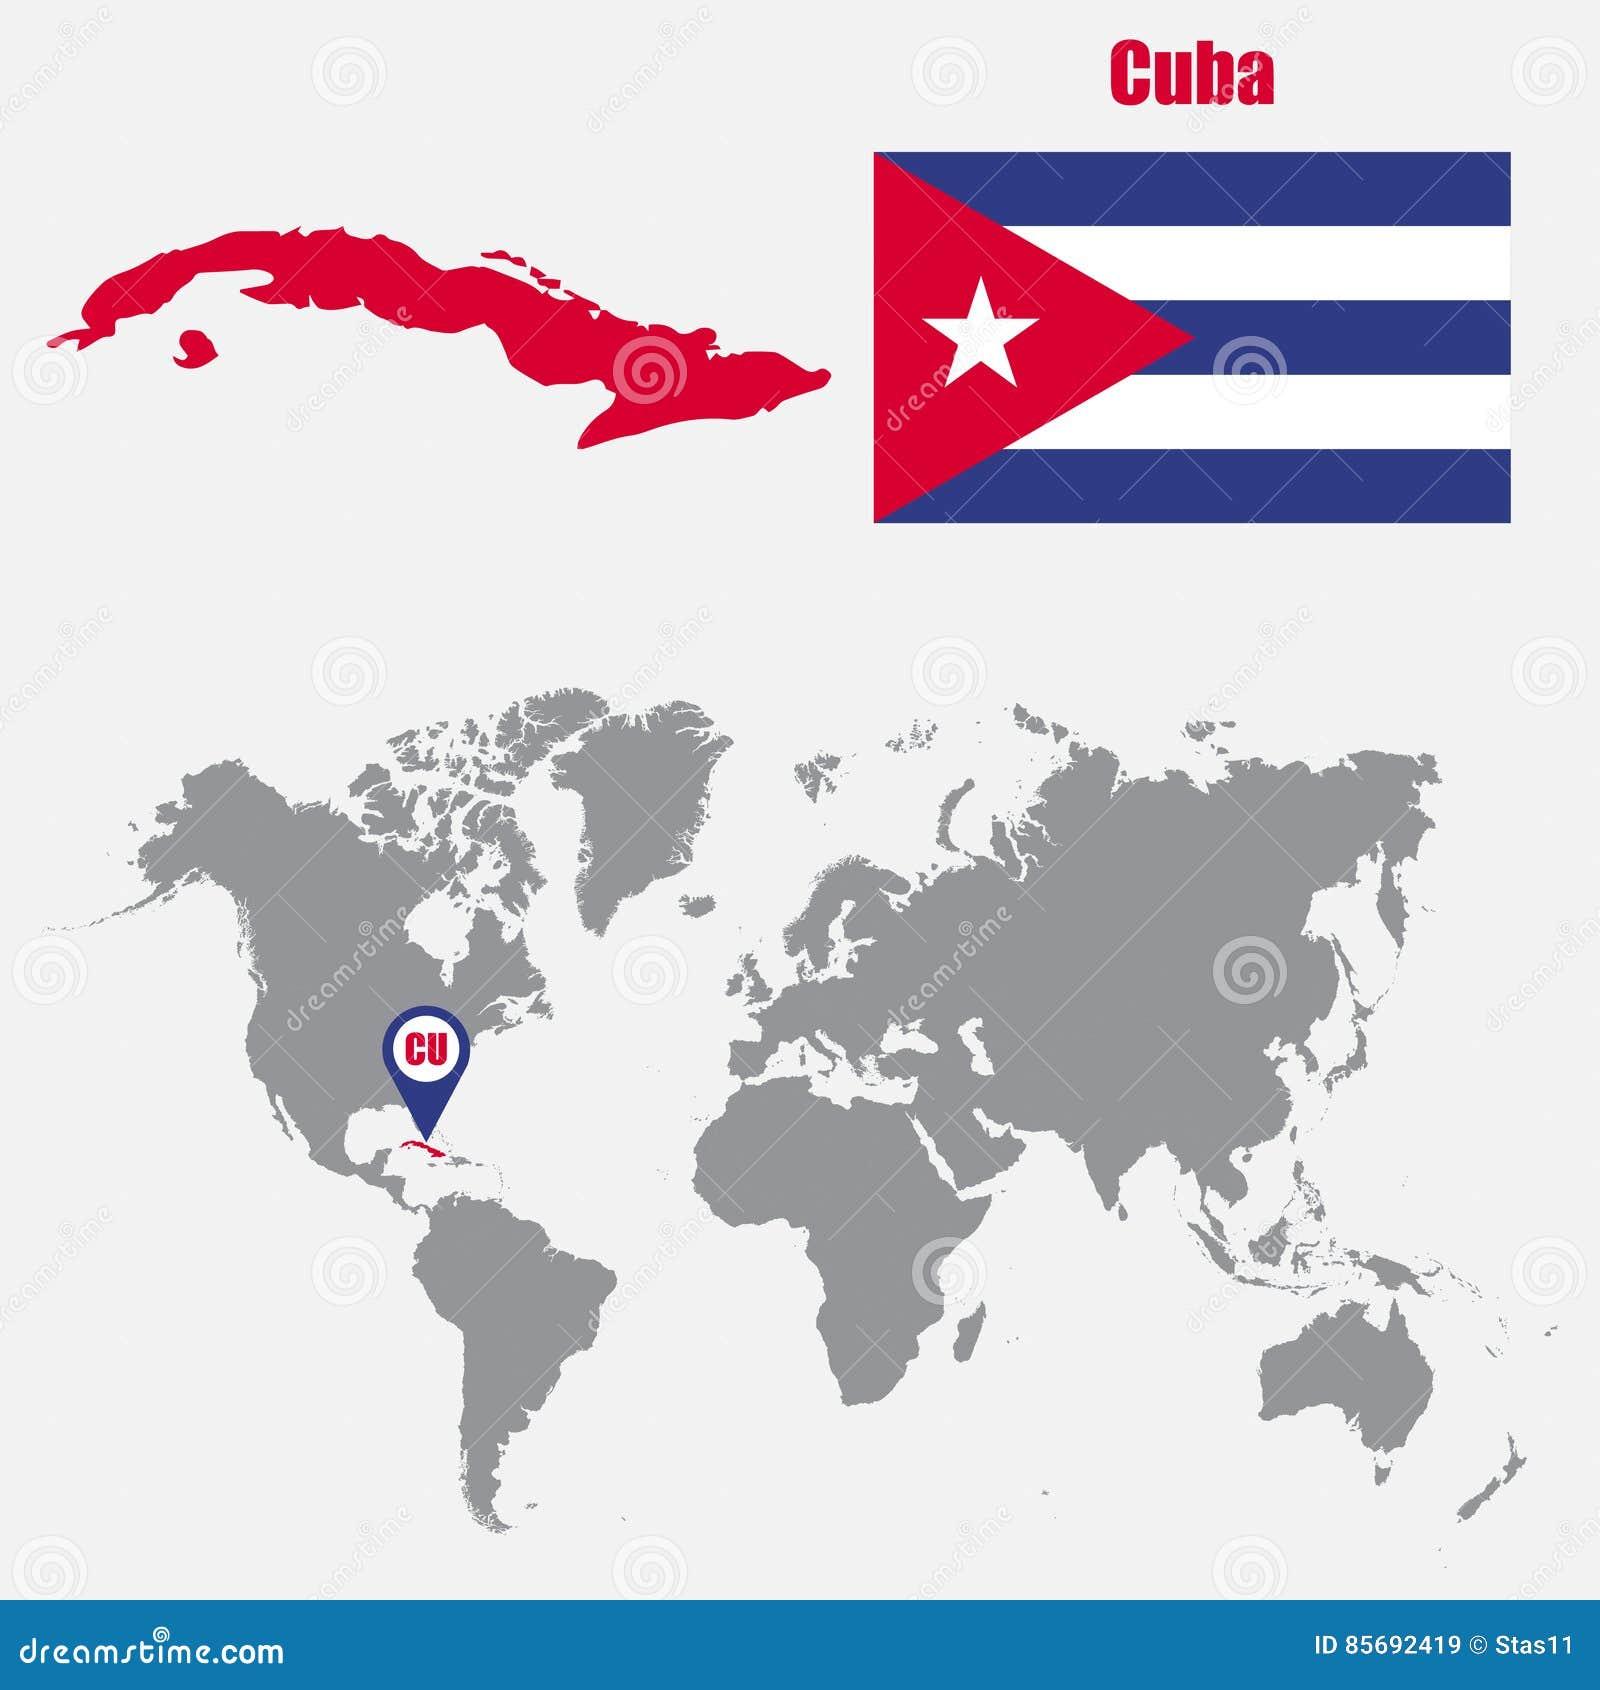 De Kaart Van Cuba Op Een Wereldkaart Met Vlag En Kaartwijzer